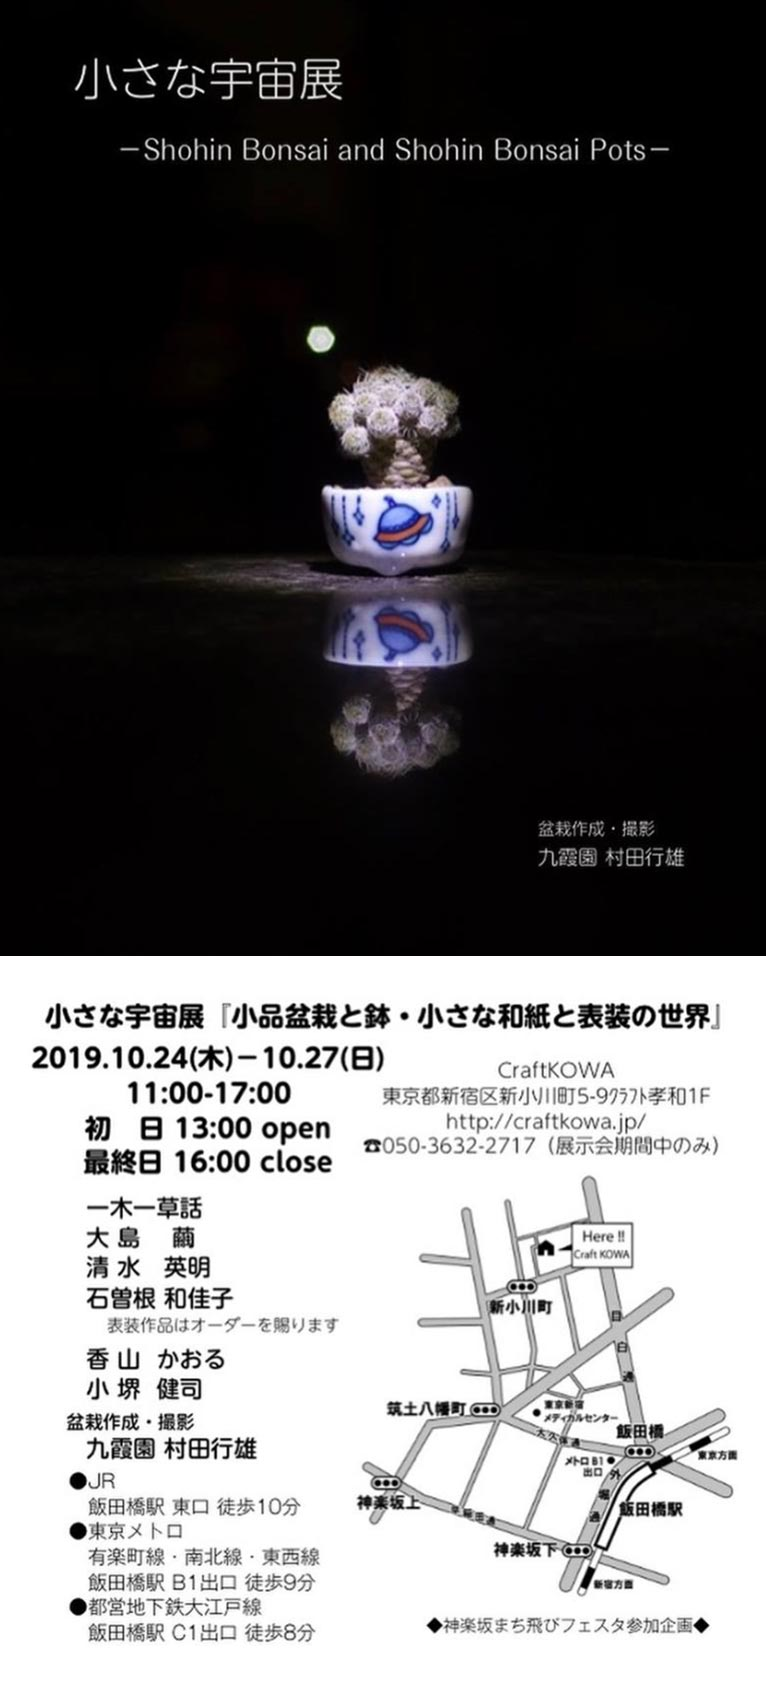 2019年10月24~27日 小さな宇宙展『小品盆栽と鉢・小さな和紙と表装の世界』 Shohin Bonsai and Shohin Bonsai Pots Craft KOWA 神楽坂